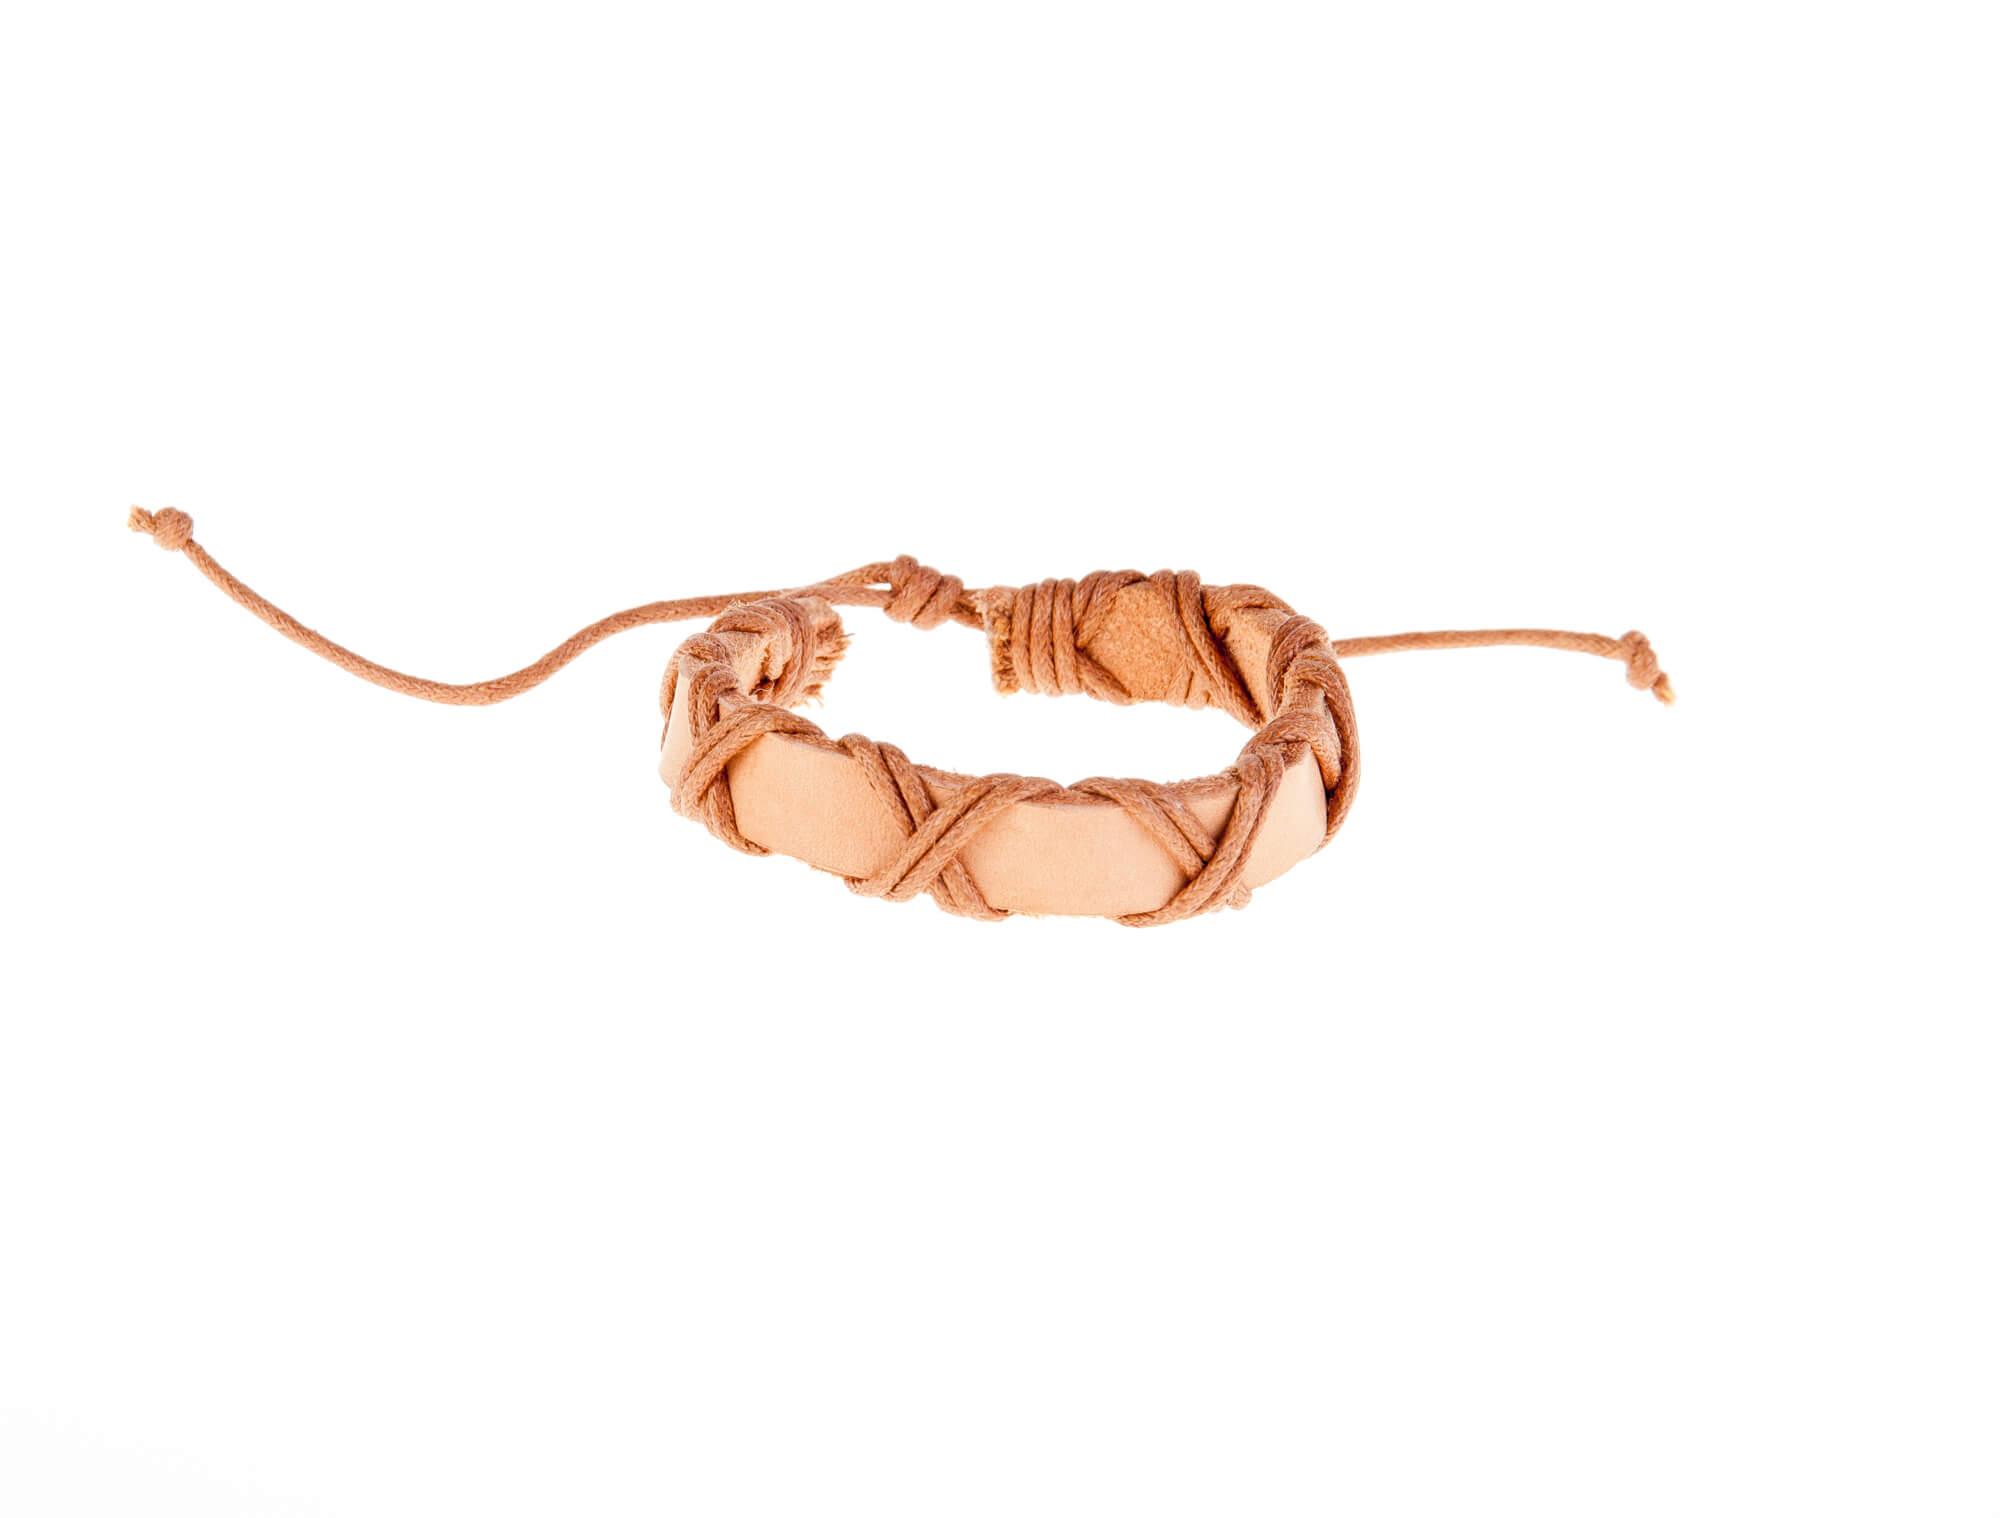 دستبند چرمی-کنفی مردانه kM1003